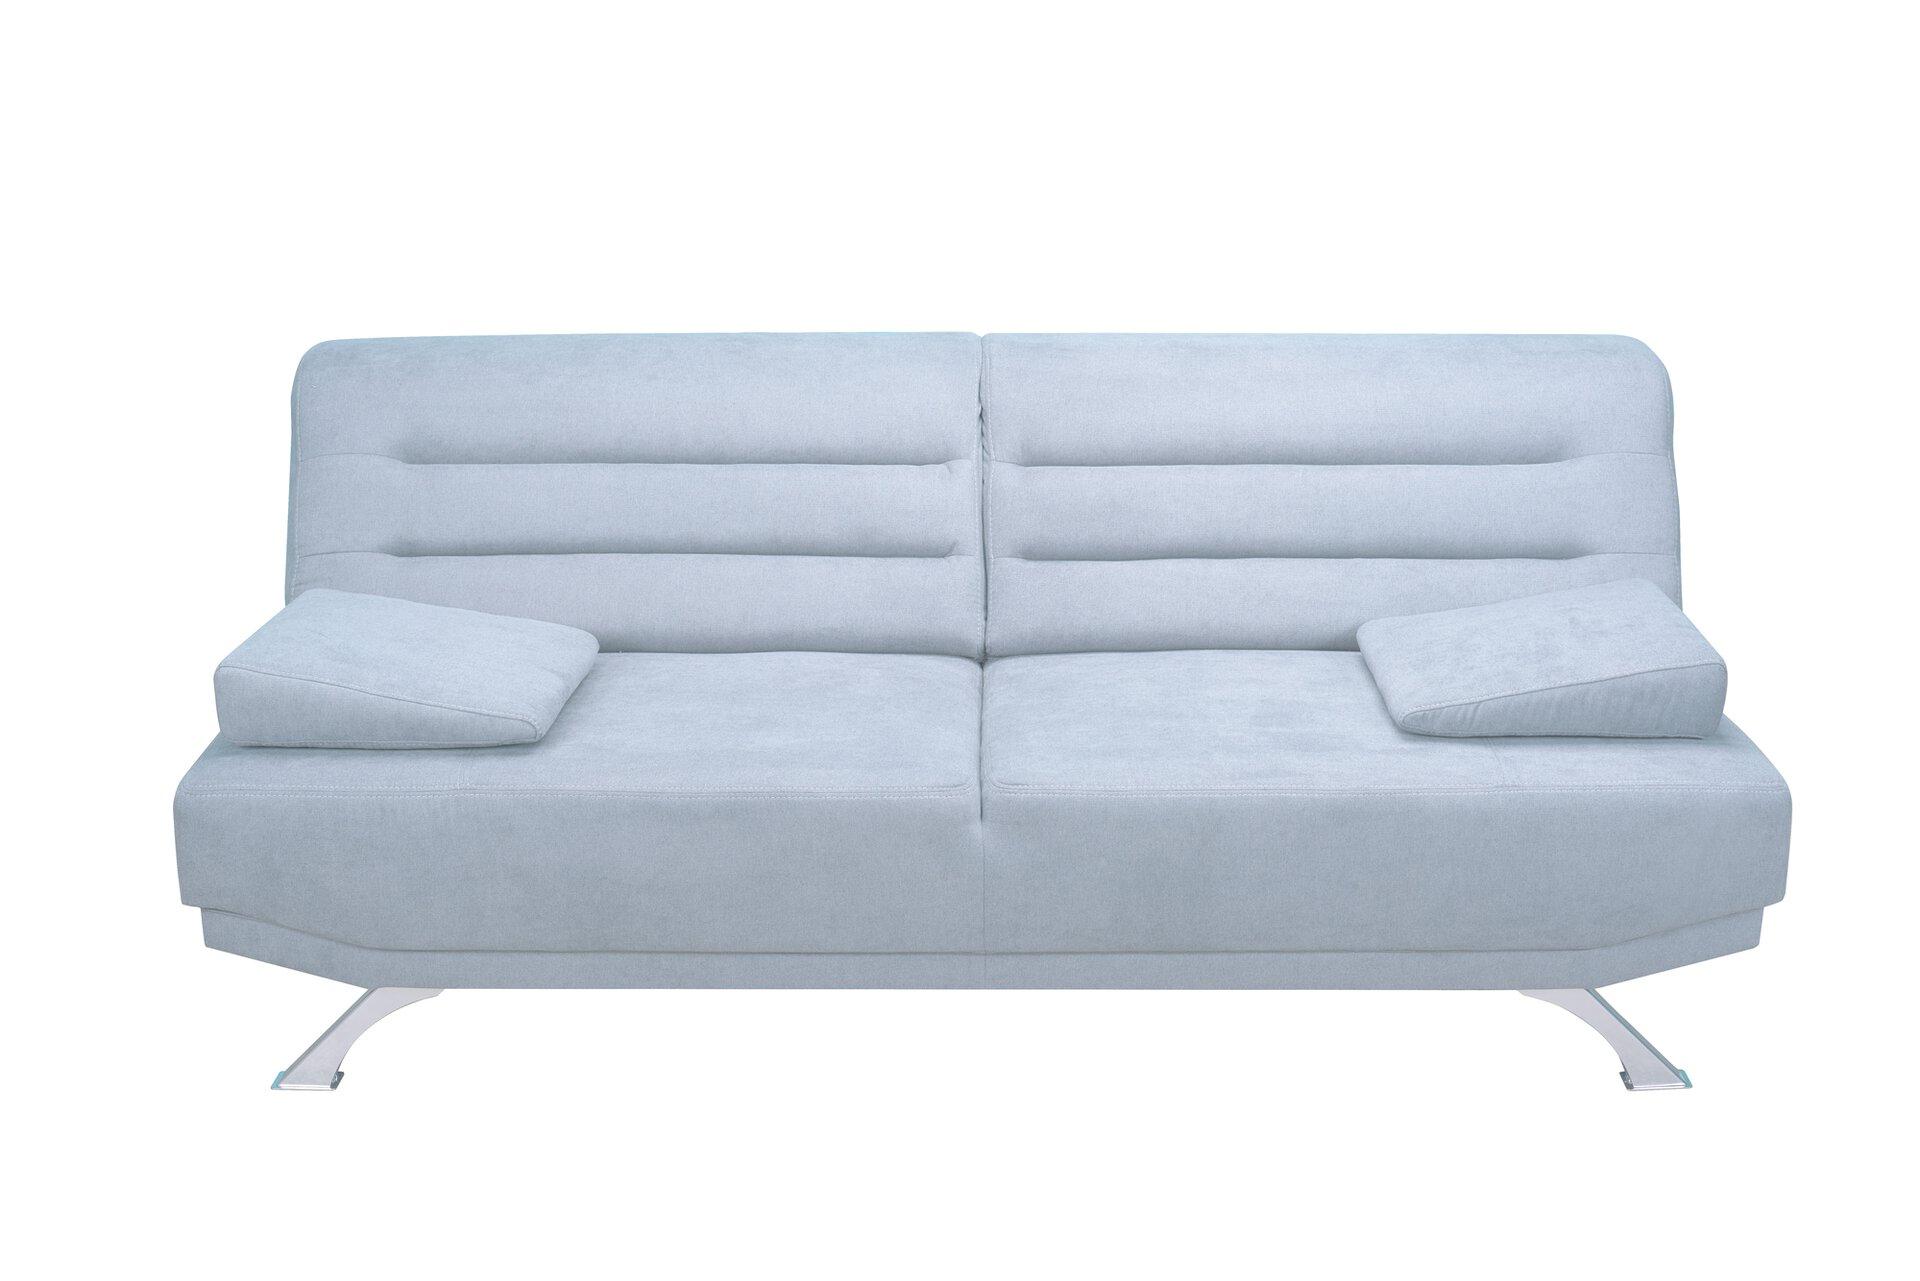 Sofa 3-Sitzer BRUNO CELECT Kunststoff 96 x 83 x 232 cm